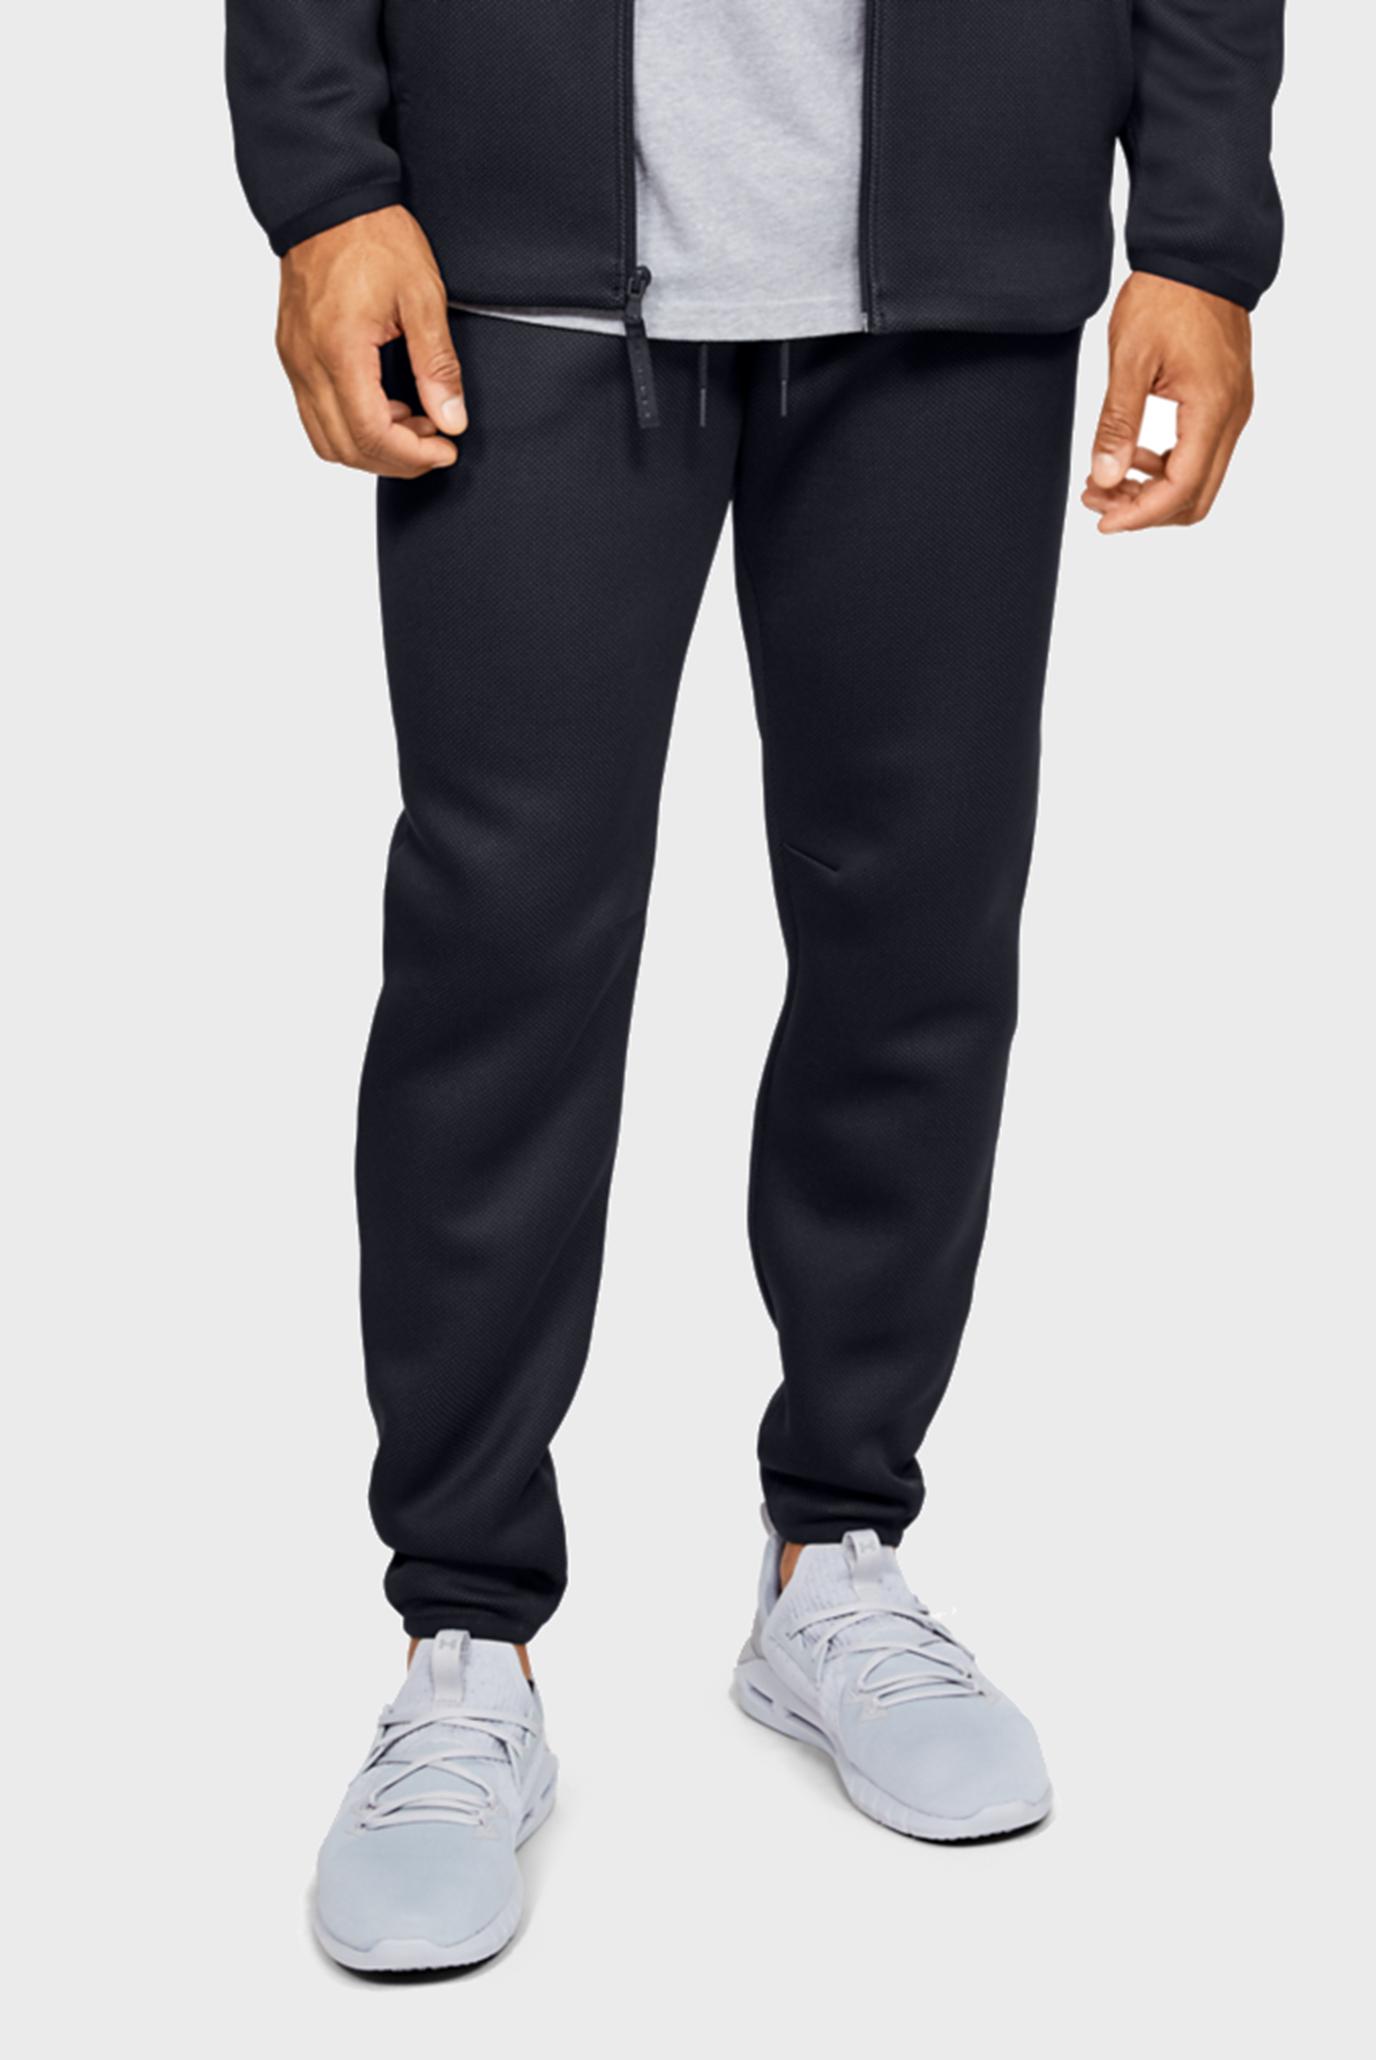 Чоловічі чорні спортивні штани UA MOVE 1